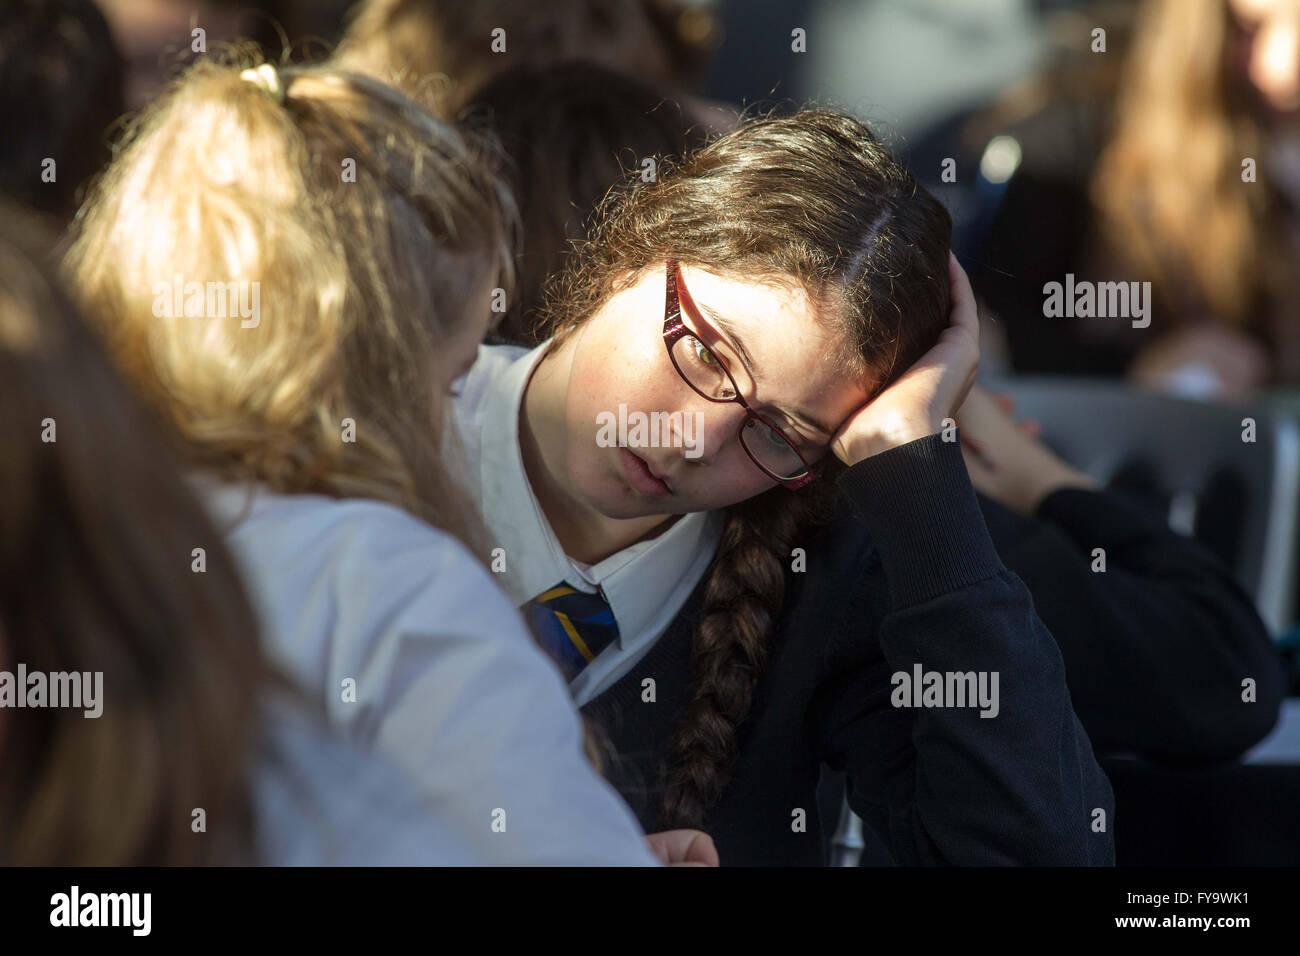 School girl studying - Stock Image